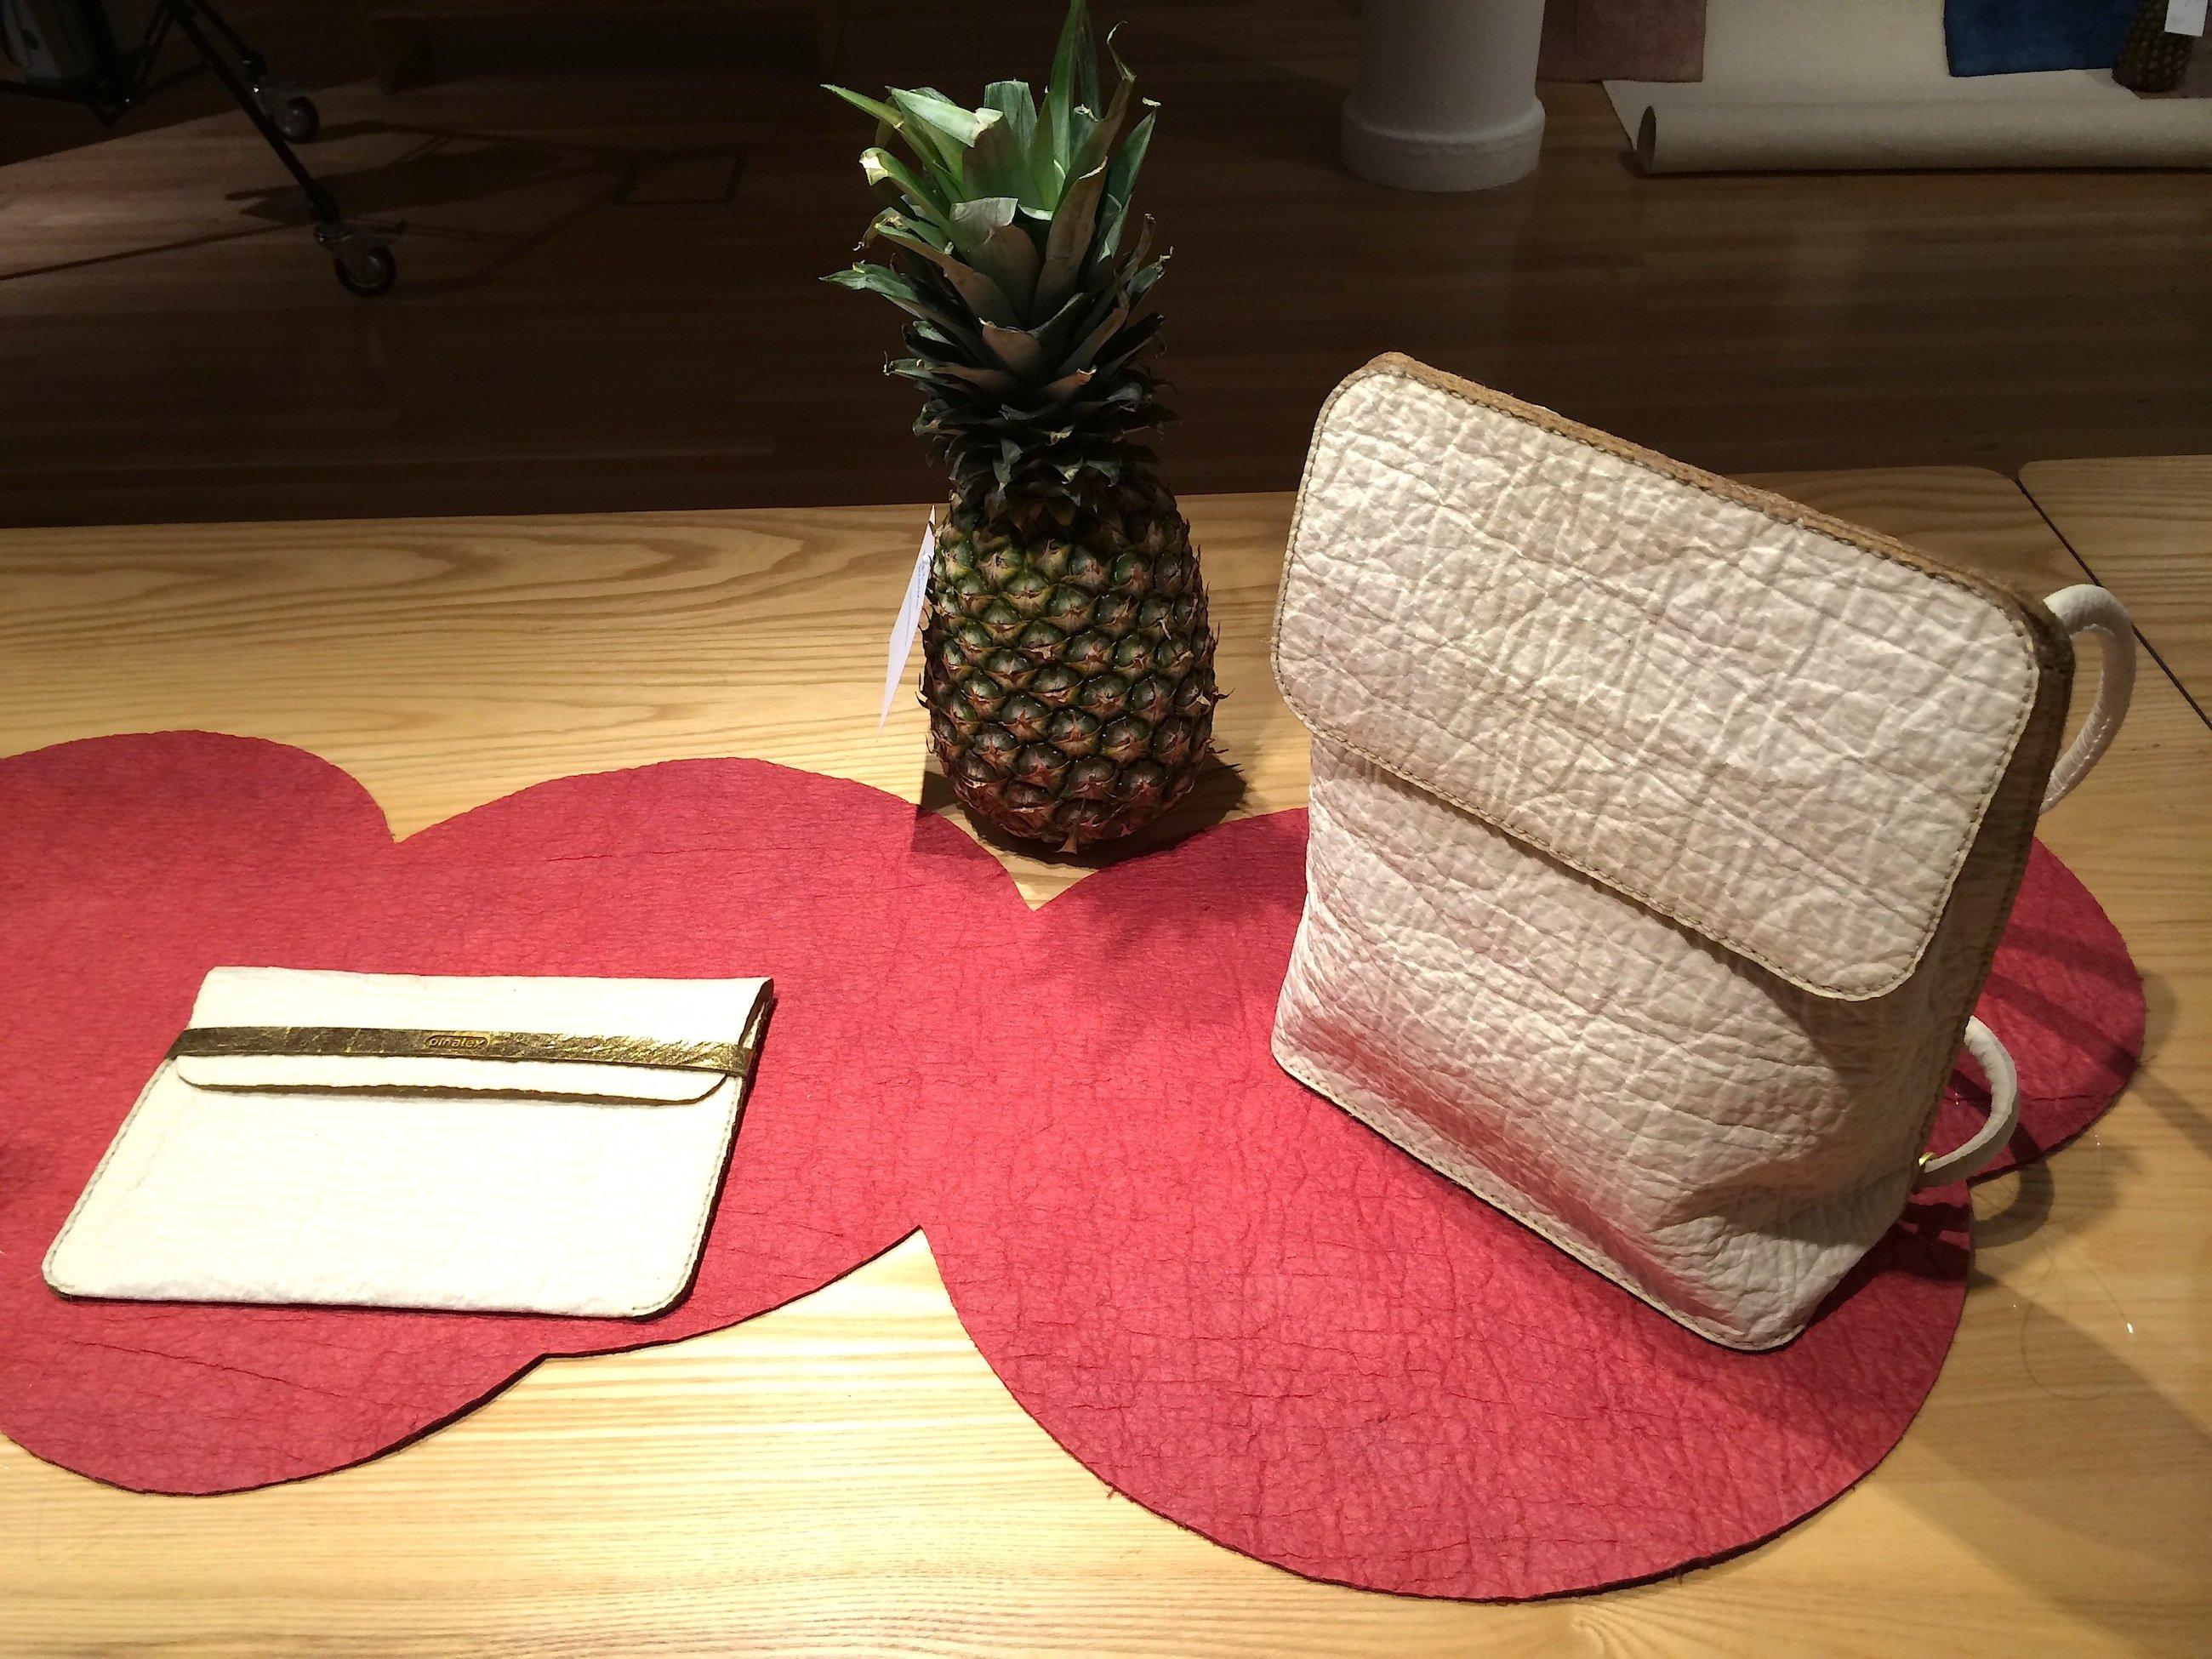 Produkte aus den Fasern der Ananas: Geldbörsen und Handtaschen lassen sich sehr gut herstellen aus dem neuen MaterialPiñatex.